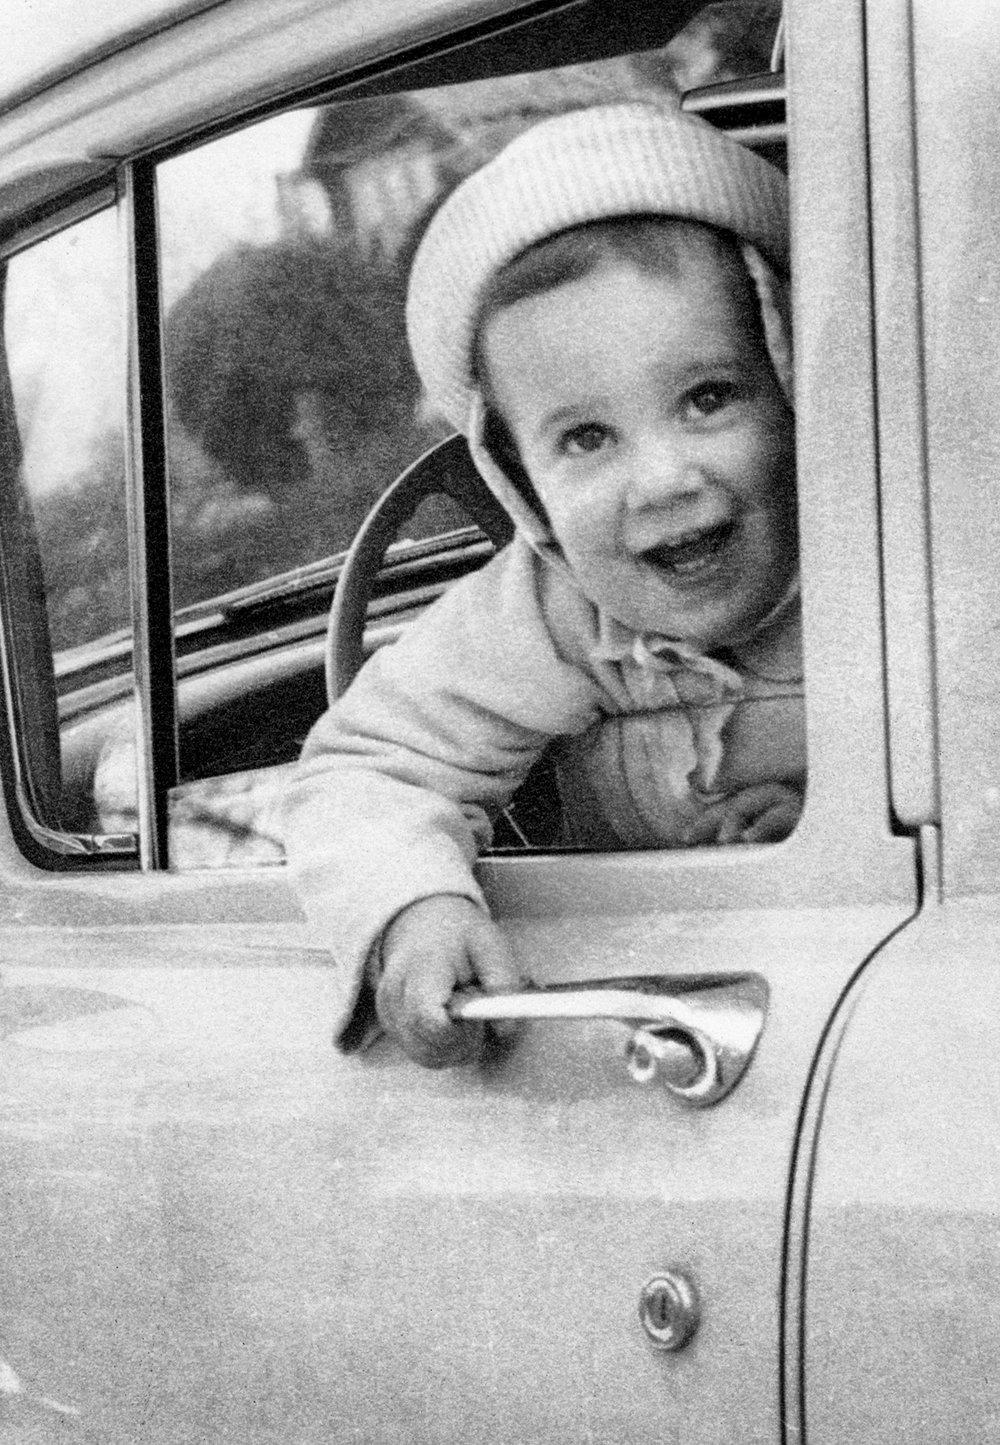 Lee in 1951